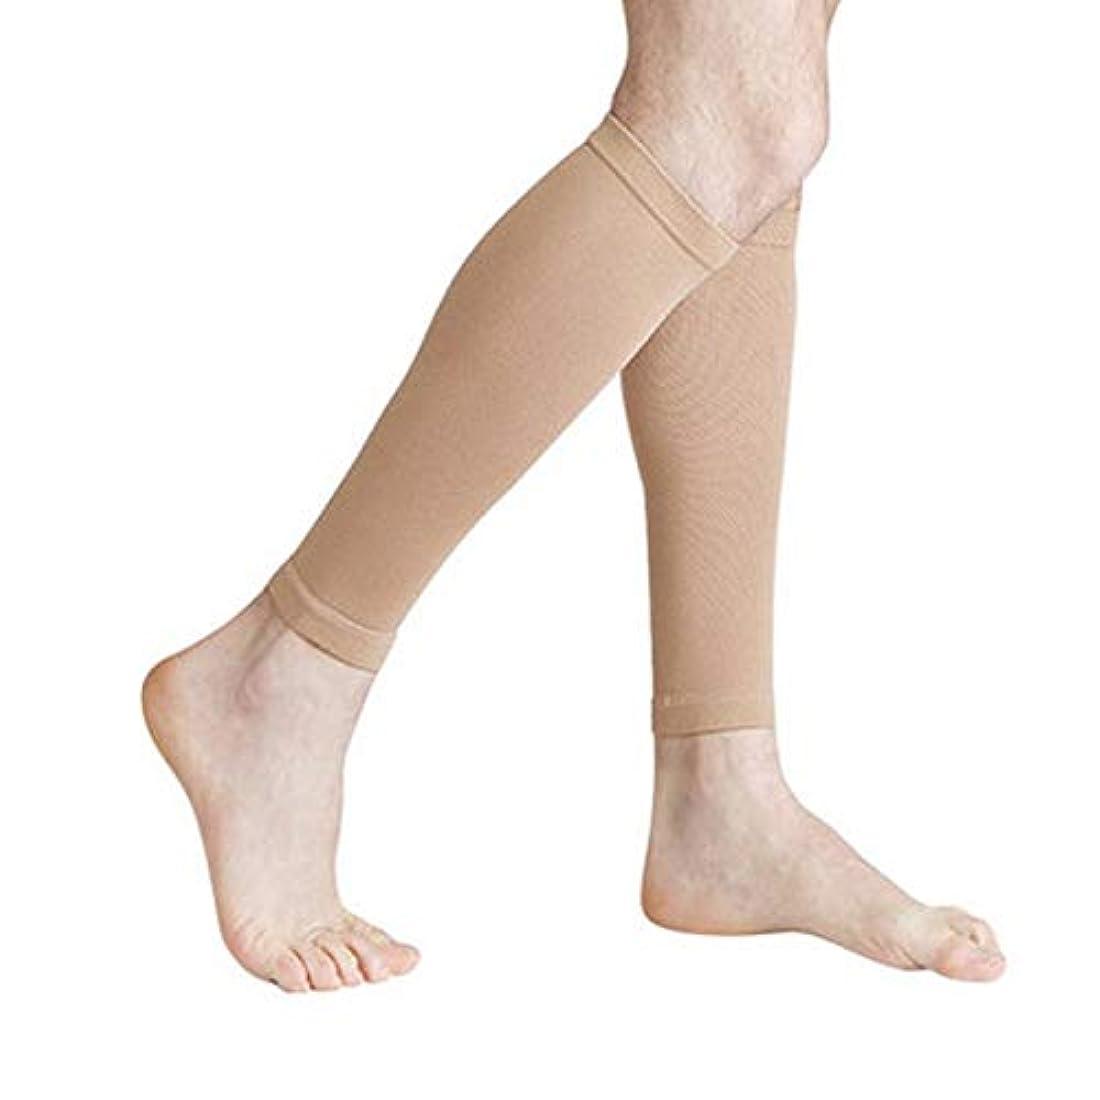 弁護士マウントバンク毒性丈夫な男性女性プロの圧縮靴下通気性のある旅行活動看護師用シントスプリントフライトトラベル - 肌色